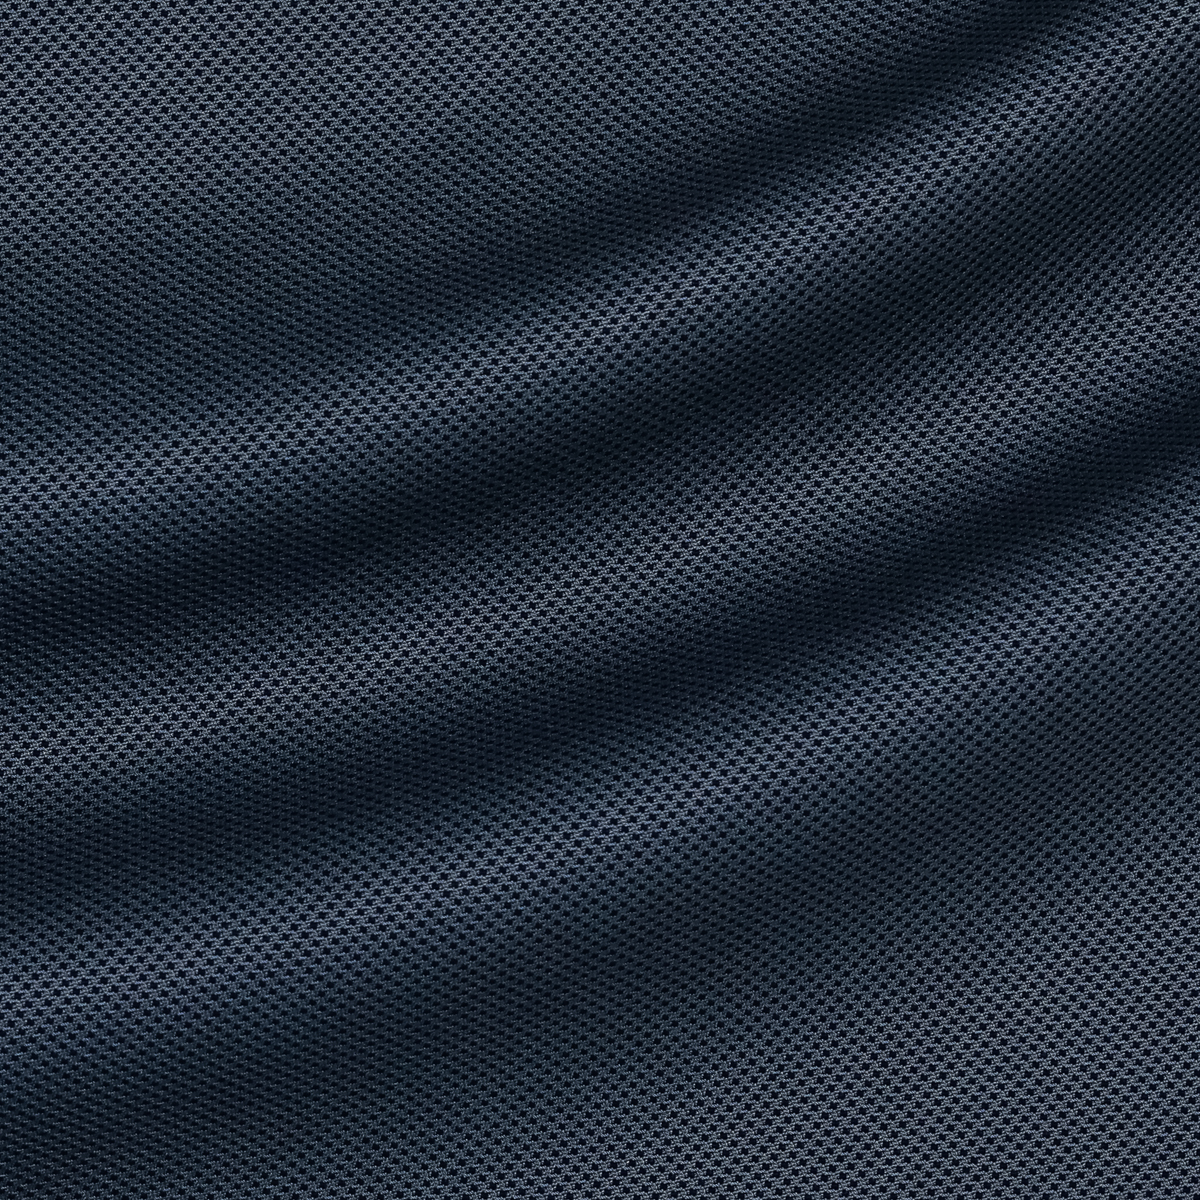 Мелкоузорчатая шерстяная ткань с шёлком тёмно-синего и приглушенно-голубого оттенка